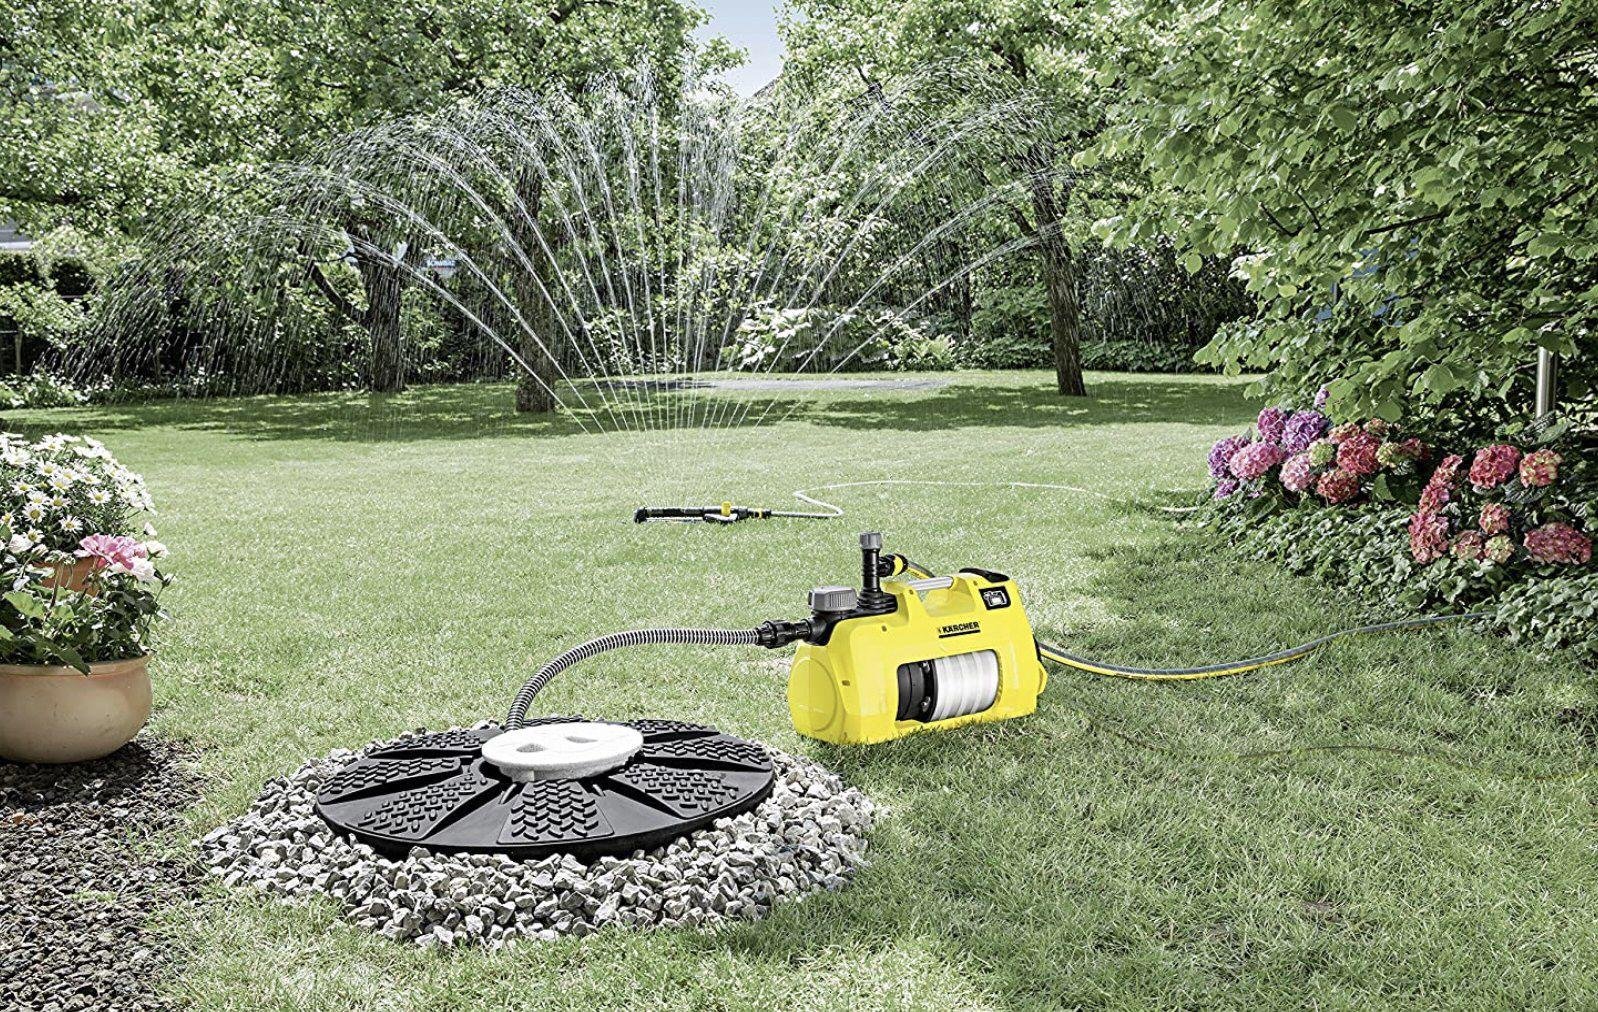 Kärcher Gartenpumpe BP 7 mit Automatik Start/Stopp Funktion für 179,49€ (statt 236€)